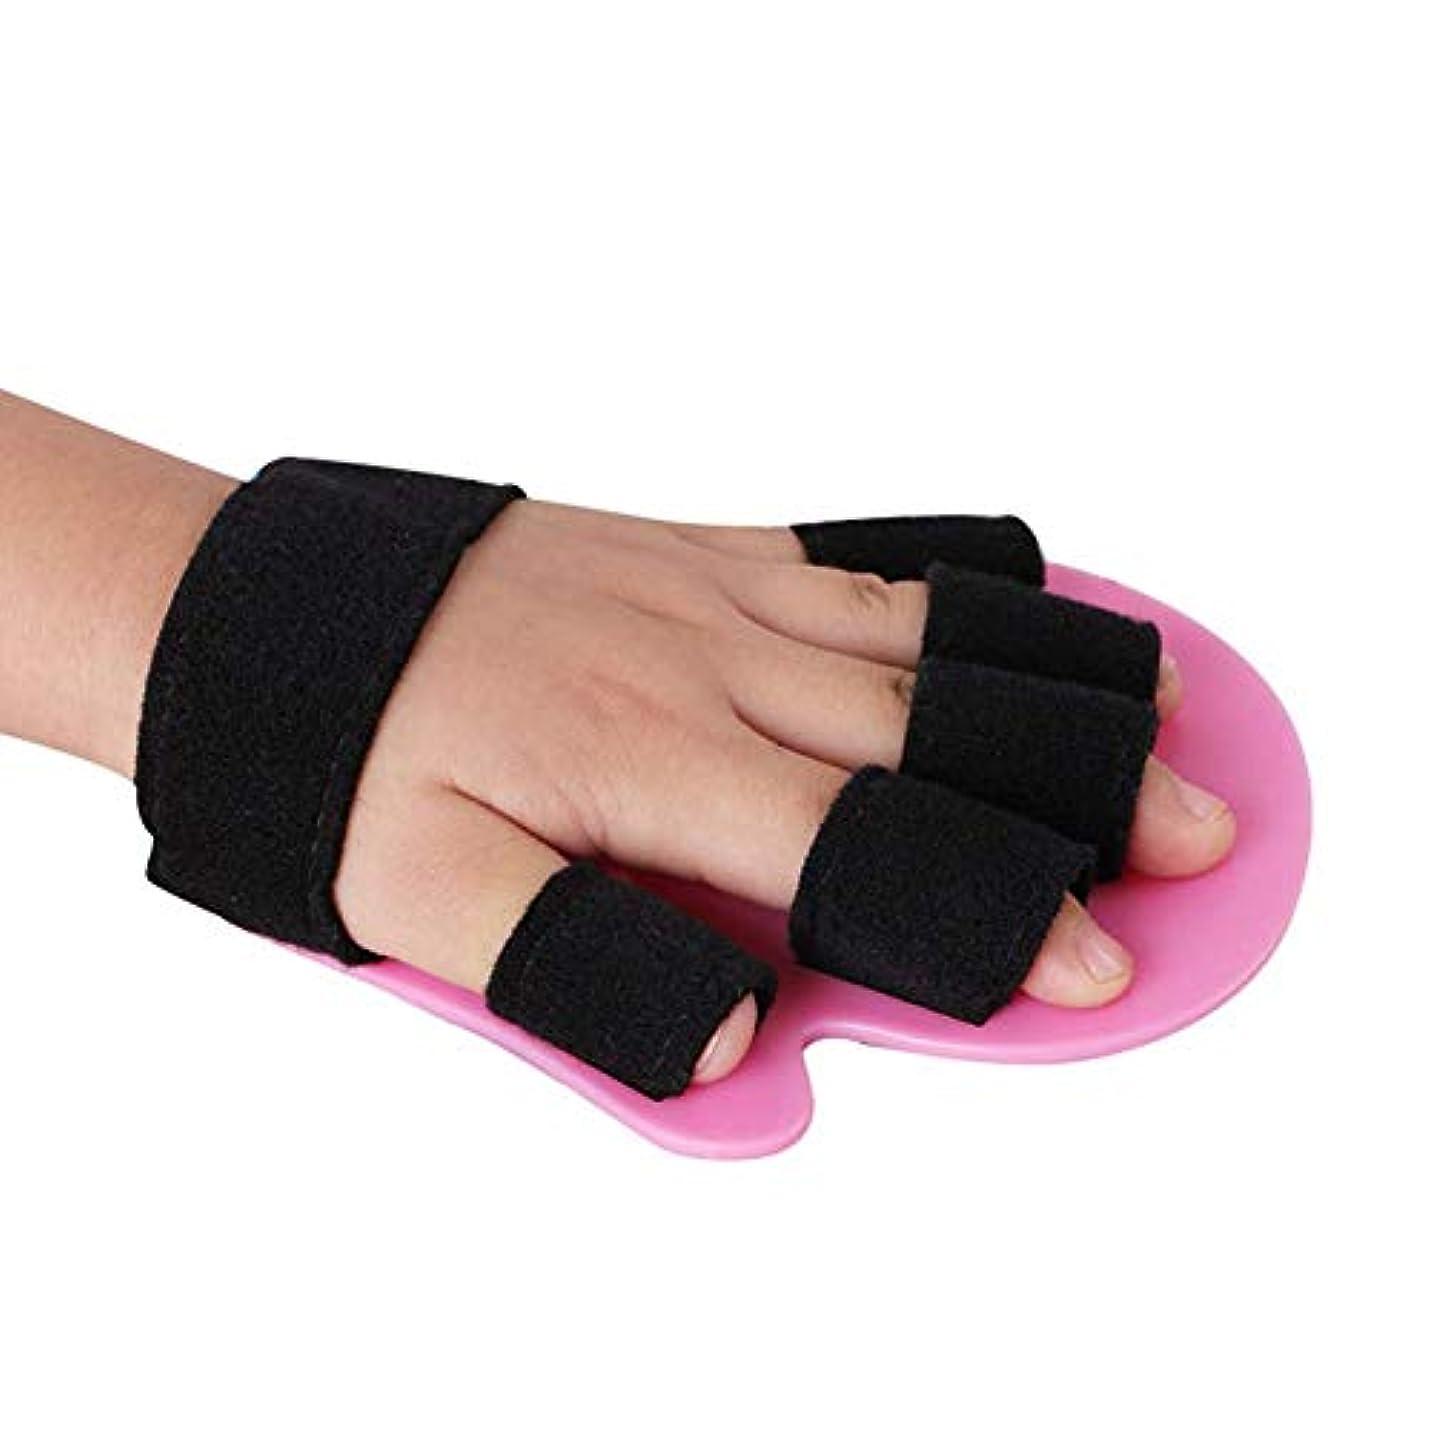 経験者船曲線スプリント指指セパレーター、手の手首の装具は別のデバイス患者関節炎リハビリテーション支援Brace1-5歳サポートばね指のスプリントを指